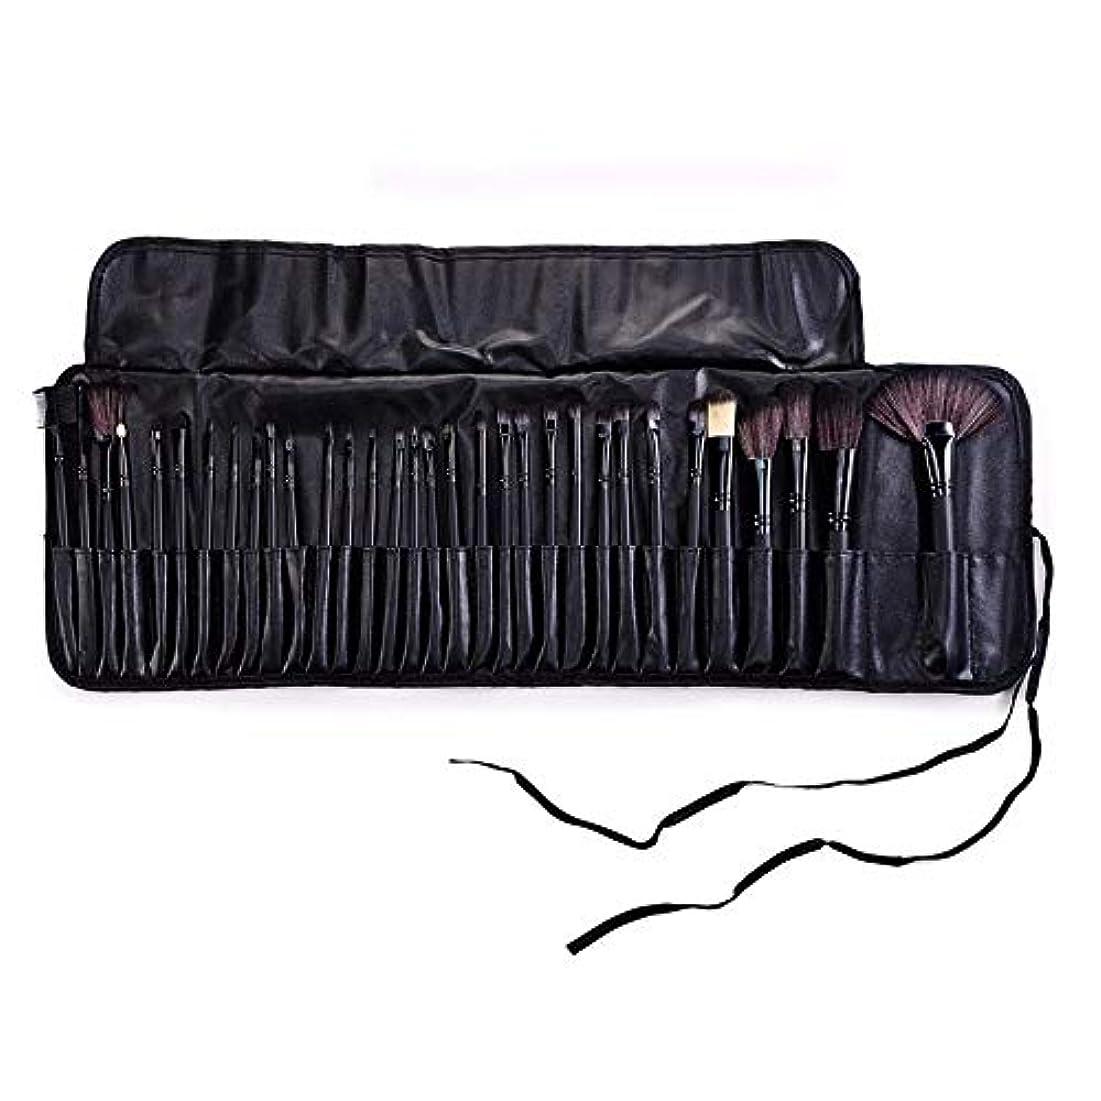 病努力する生きるMakeup brushes ブラックバッグ32メイクブラシセットモダンな合成アイシャドウアイライナー液化ファンデーションコンシーラーミキシングブラシセット suits (Color : Black)